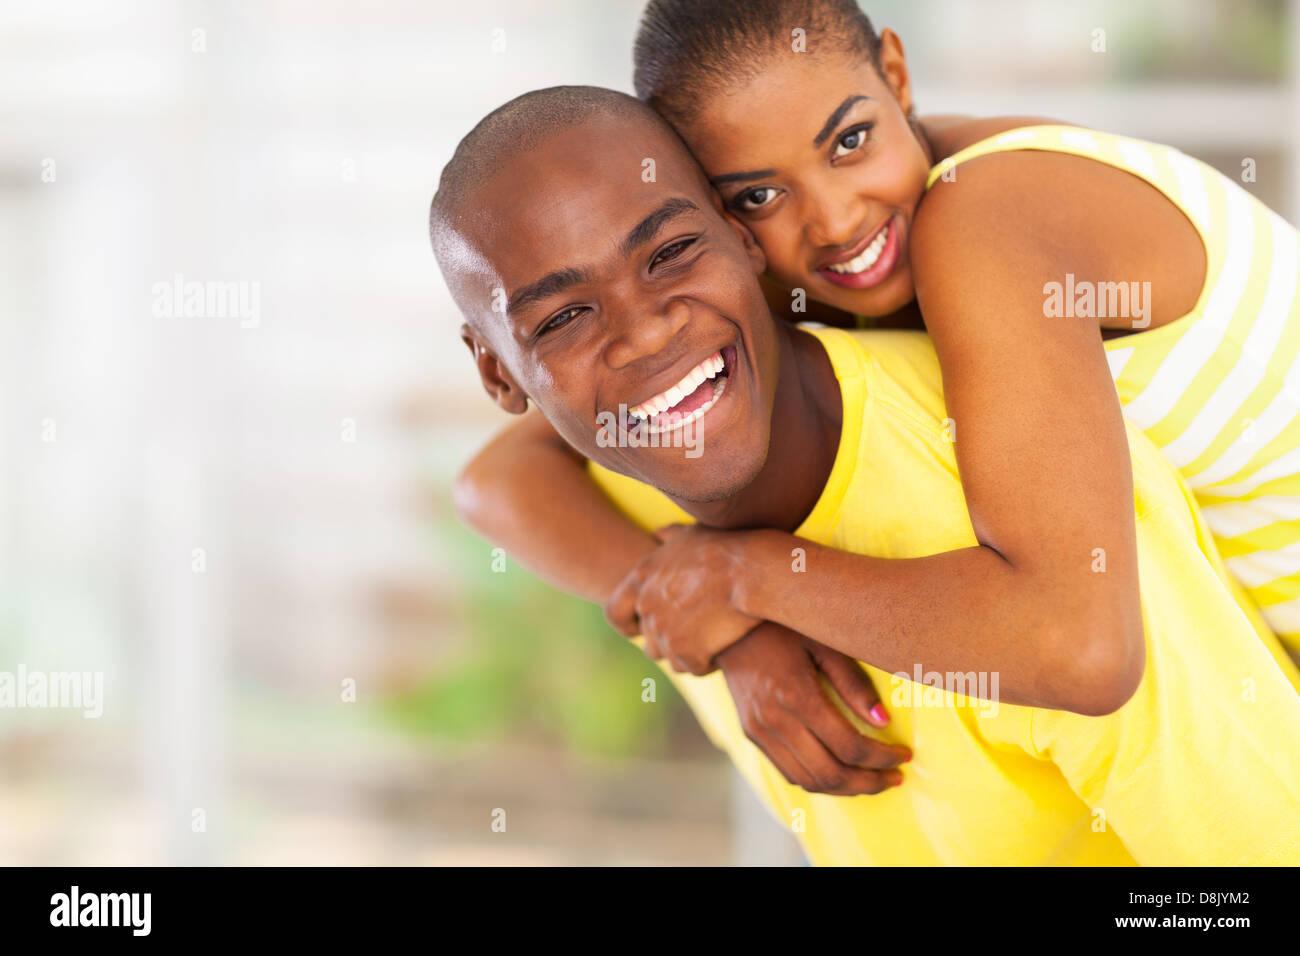 Ritratto di giocoso giovane africano giovane piggyback Immagini Stock